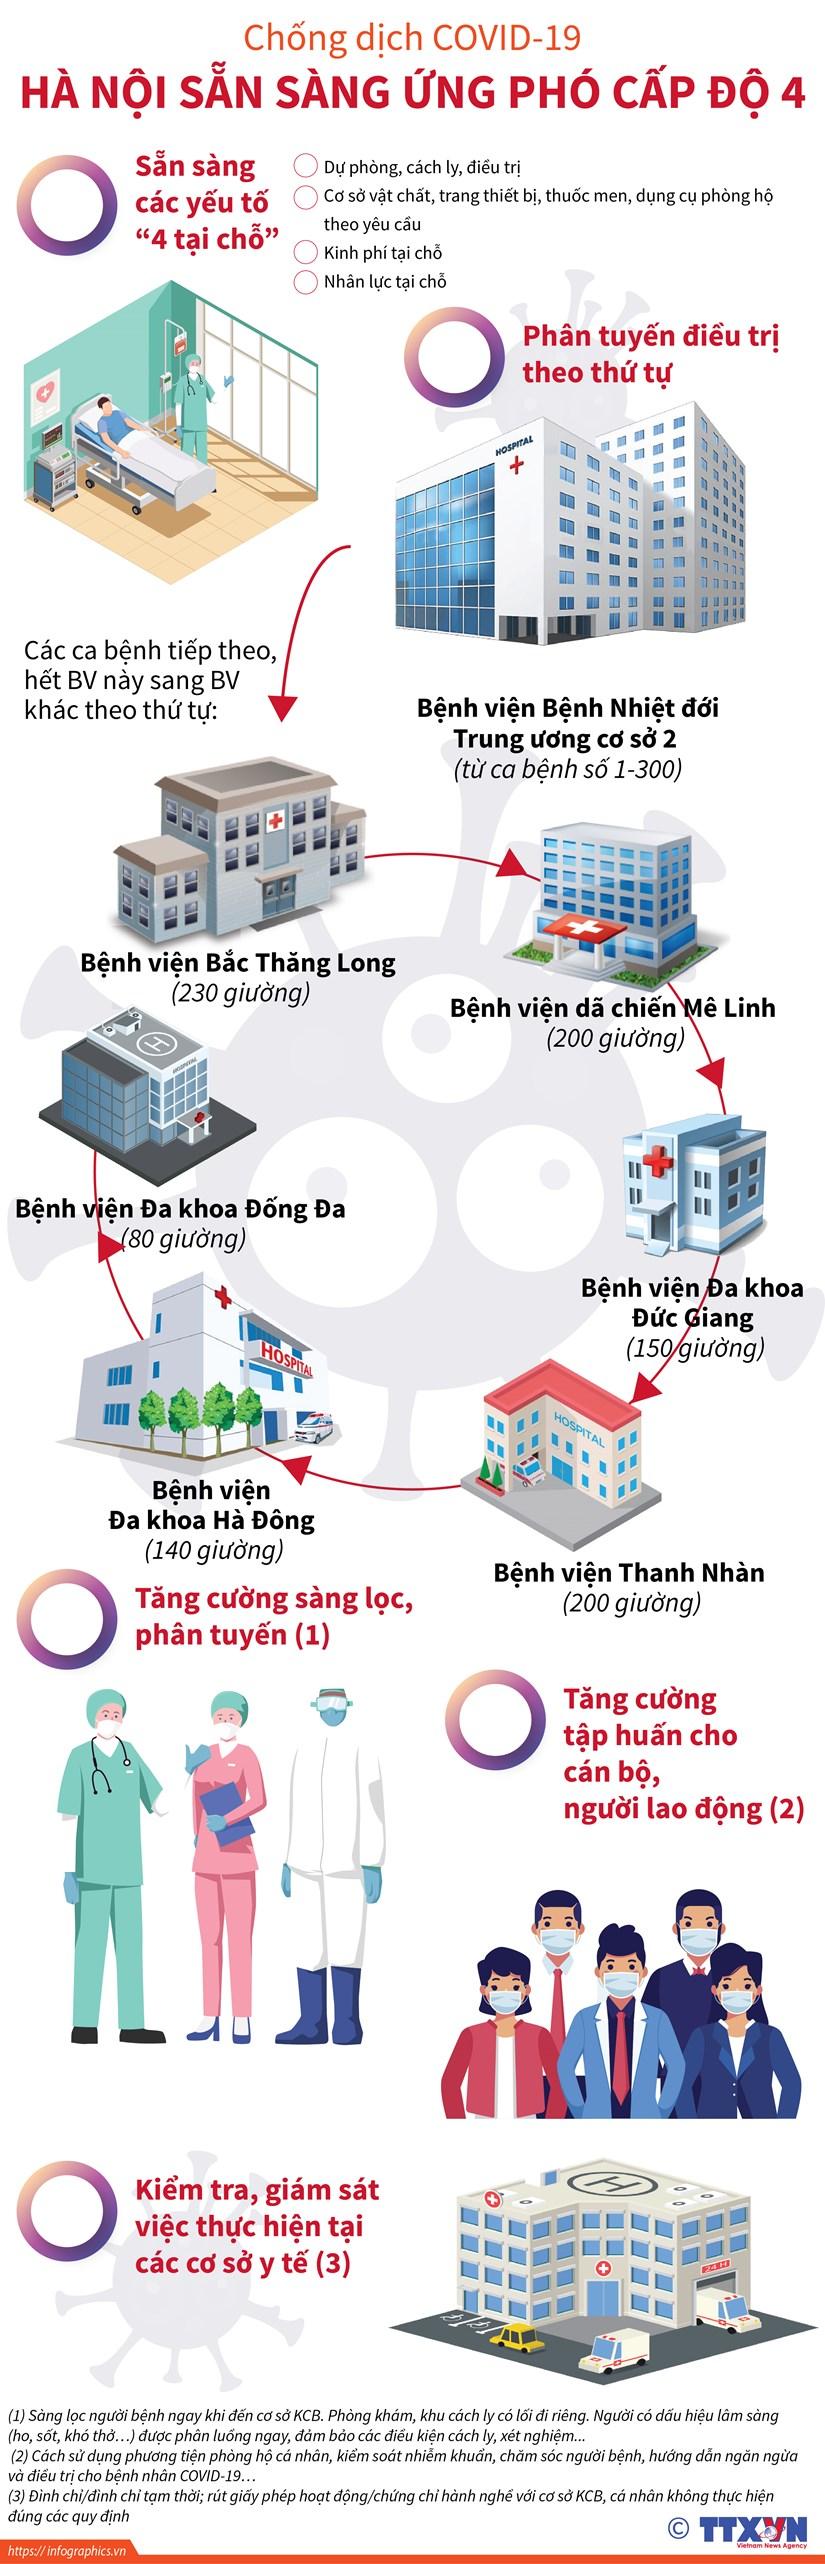 [Infographics] Chong dich COVID-19: Ha Noi san sang ung pho cap do 4 hinh anh 1